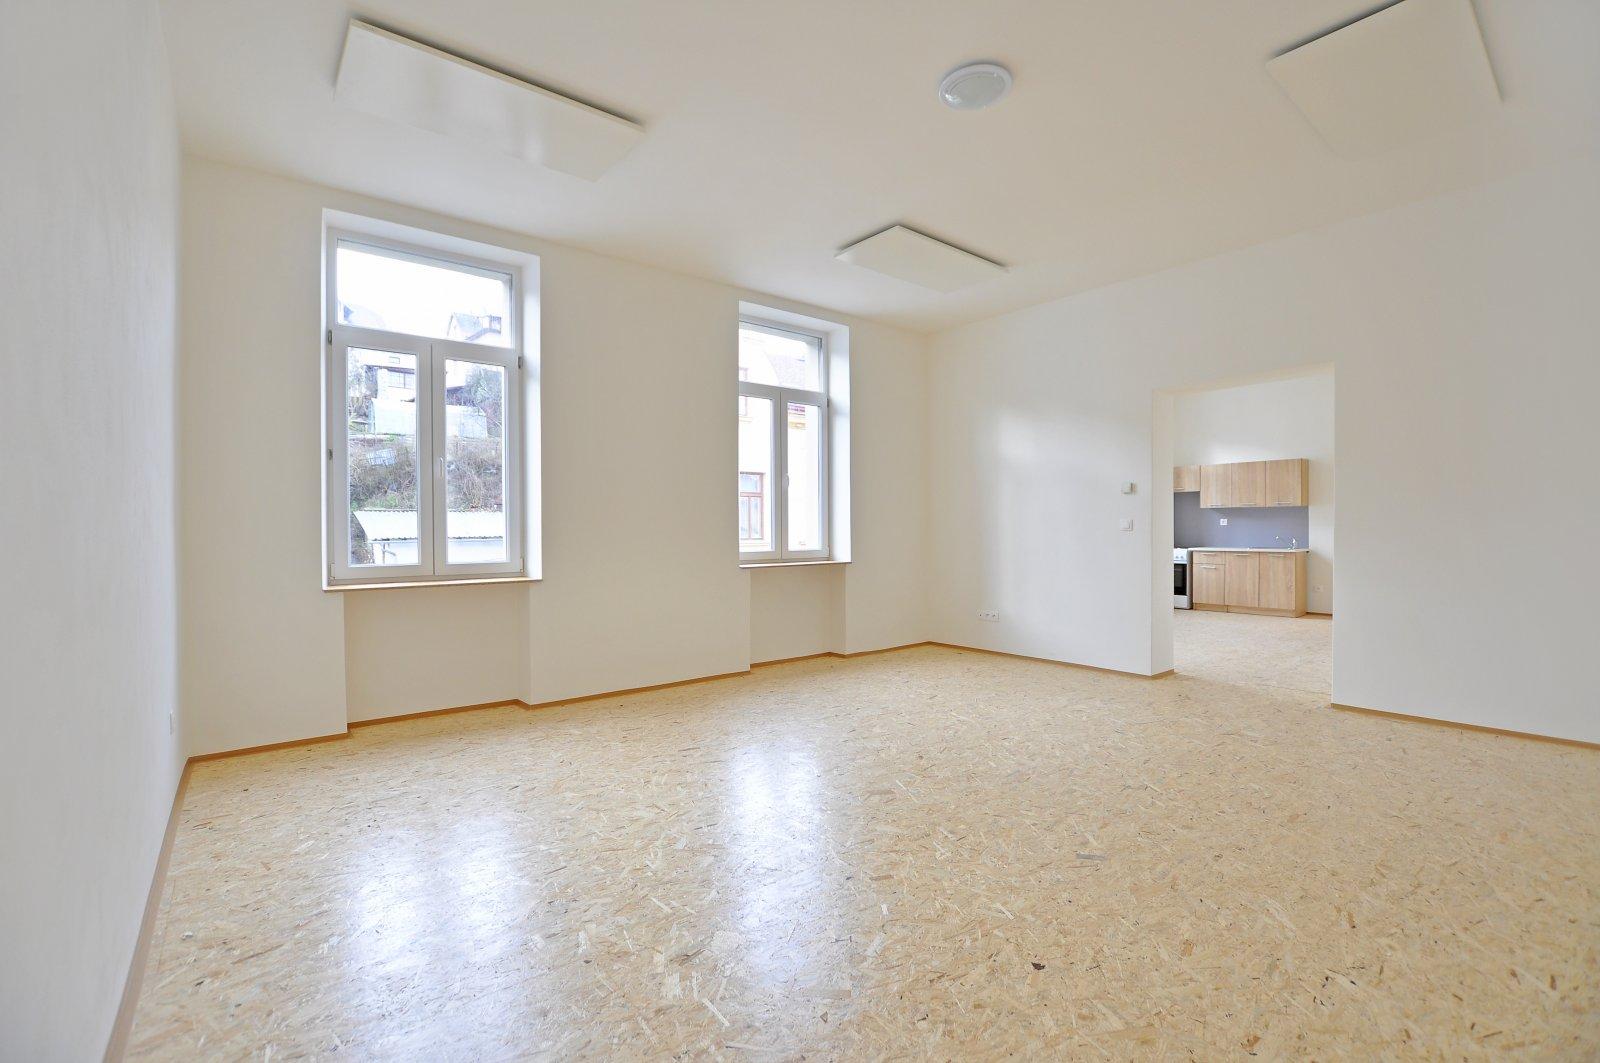 Pronájem: Zděný byt 2+kk po rekonstrukci, Úpice - centrum, okres Trutnov